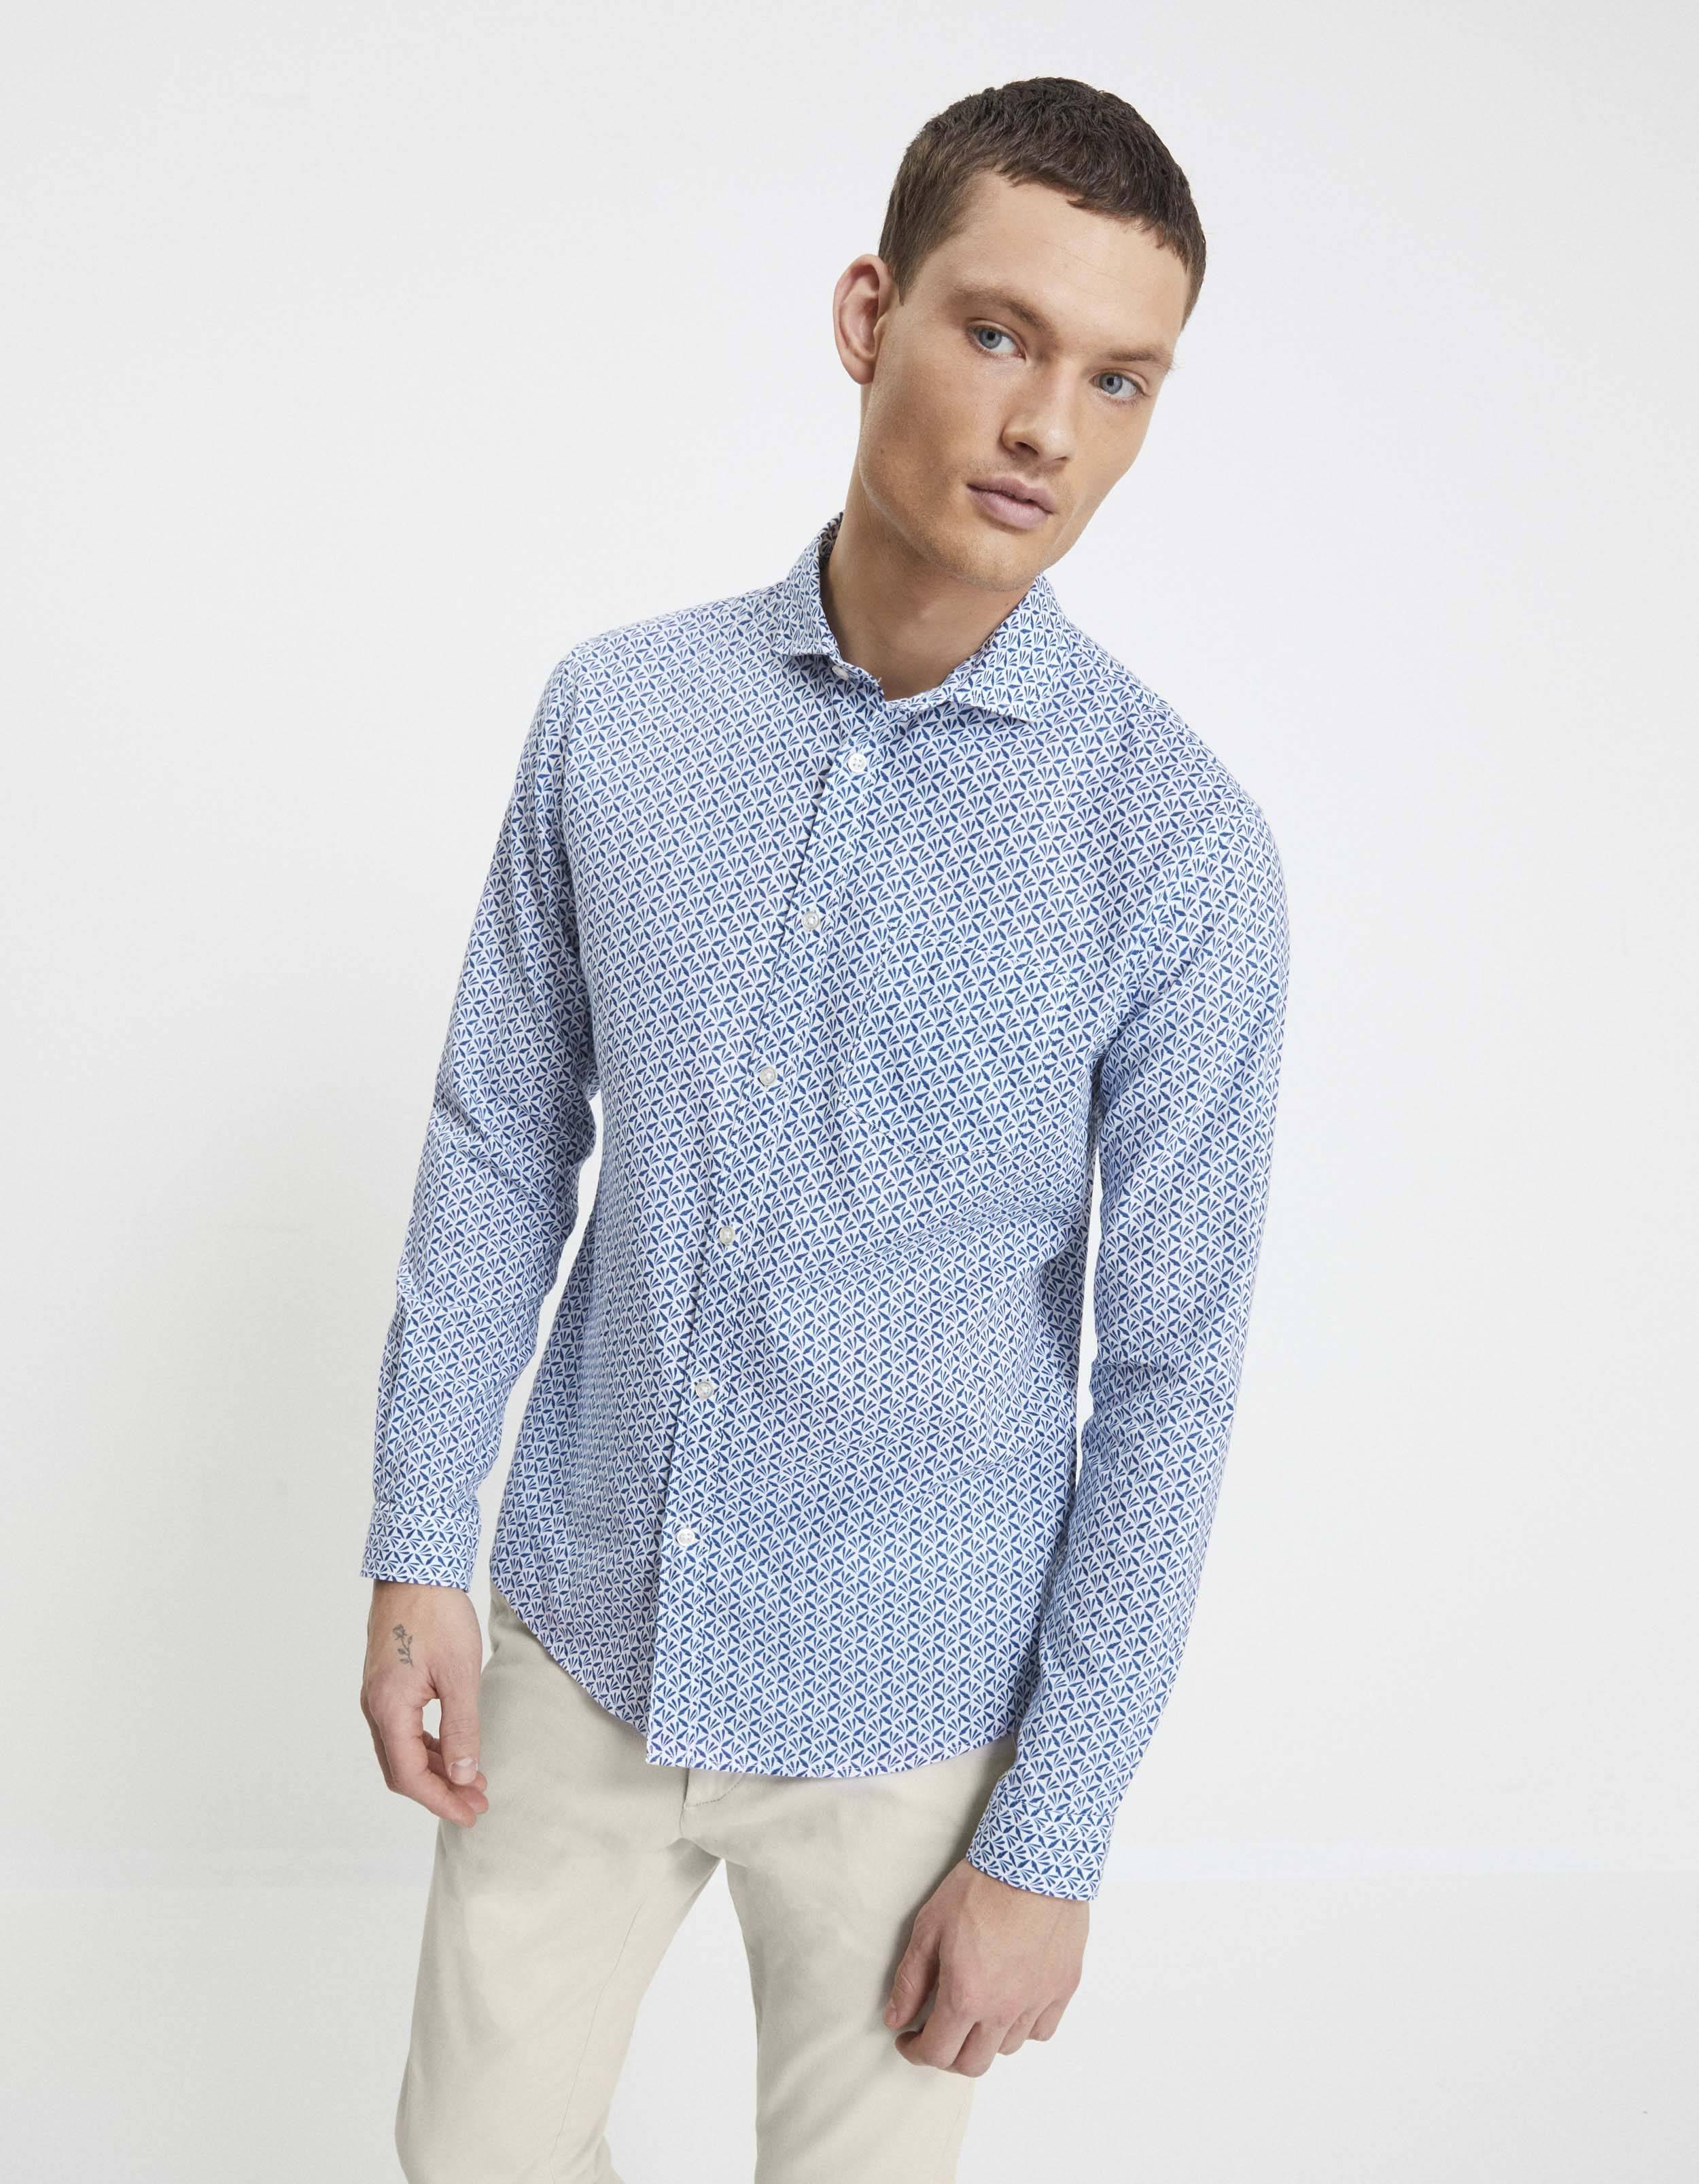 חולצה מכופתרת טקסטורה 100% כותנה בגזרת slim